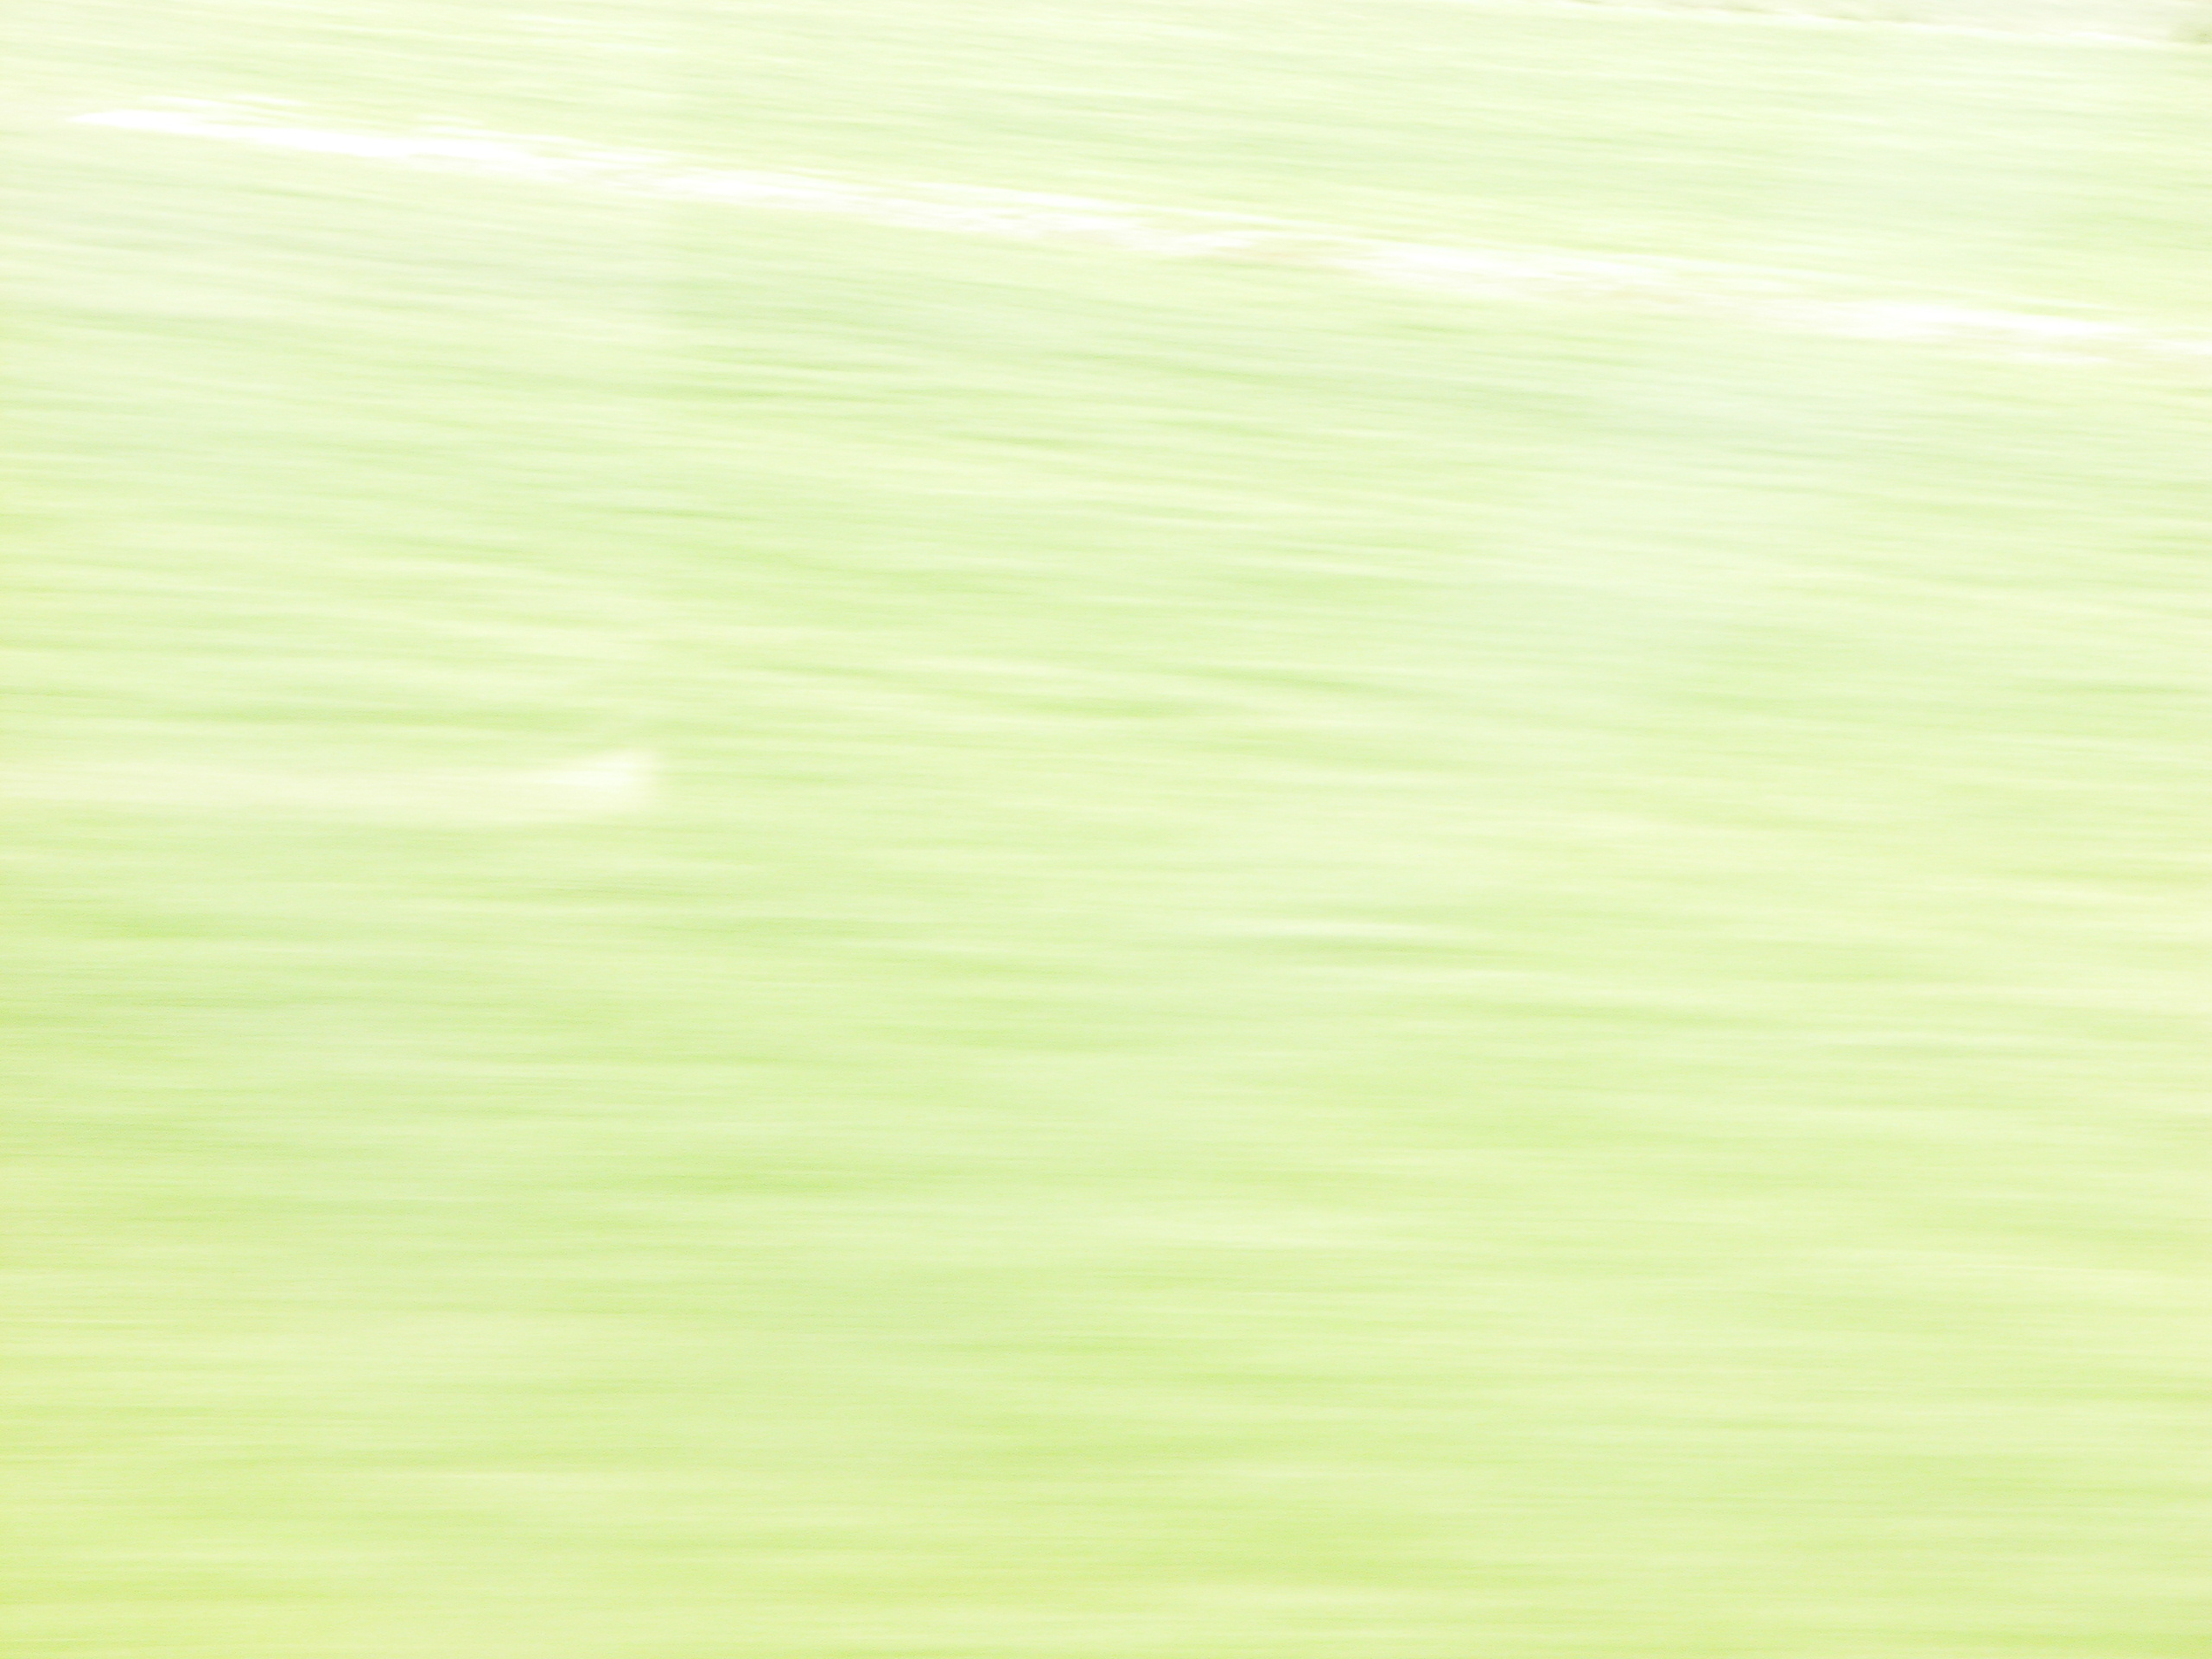 blurs blur speed green lightfx lighteffects horizontal